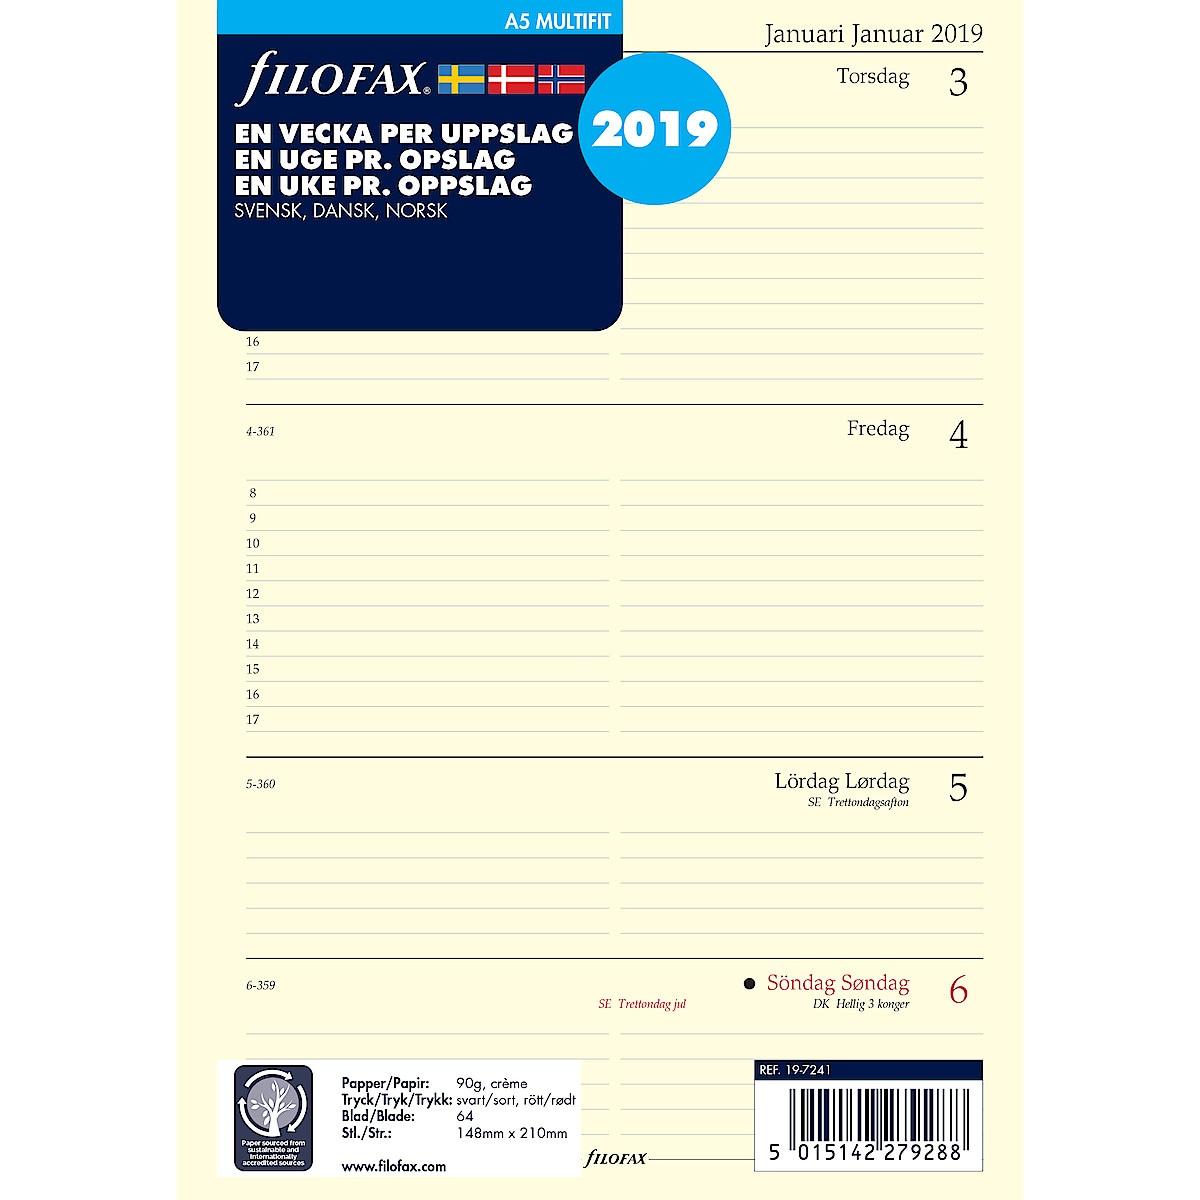 Kalenterilehdet Filofax A5, 2019